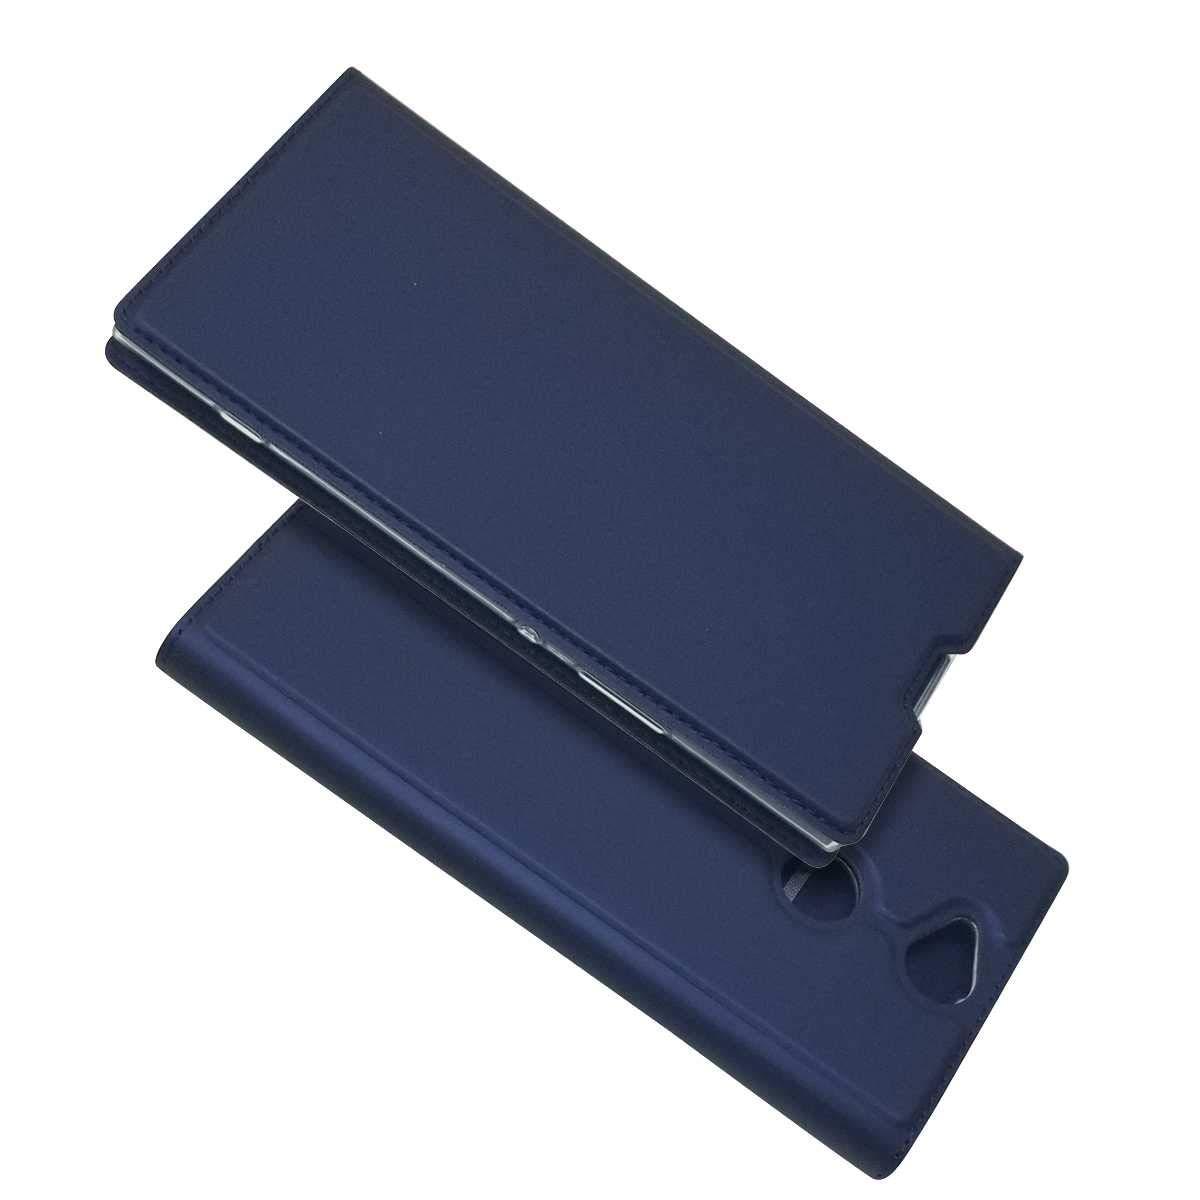 KKEIKO Sony Xperia XA2 Ultra Hü lle, Sony Xperia XA2 Ultra Leder Handyhü lle Schutzhü lle [ mit Gratis Panzerglas Schutzfolie ], Stoß sichere Lederhü lle Brieftasche case fü r Sony Xperia XA2 Ultra - Blau KTG22-SNXA2U-B04